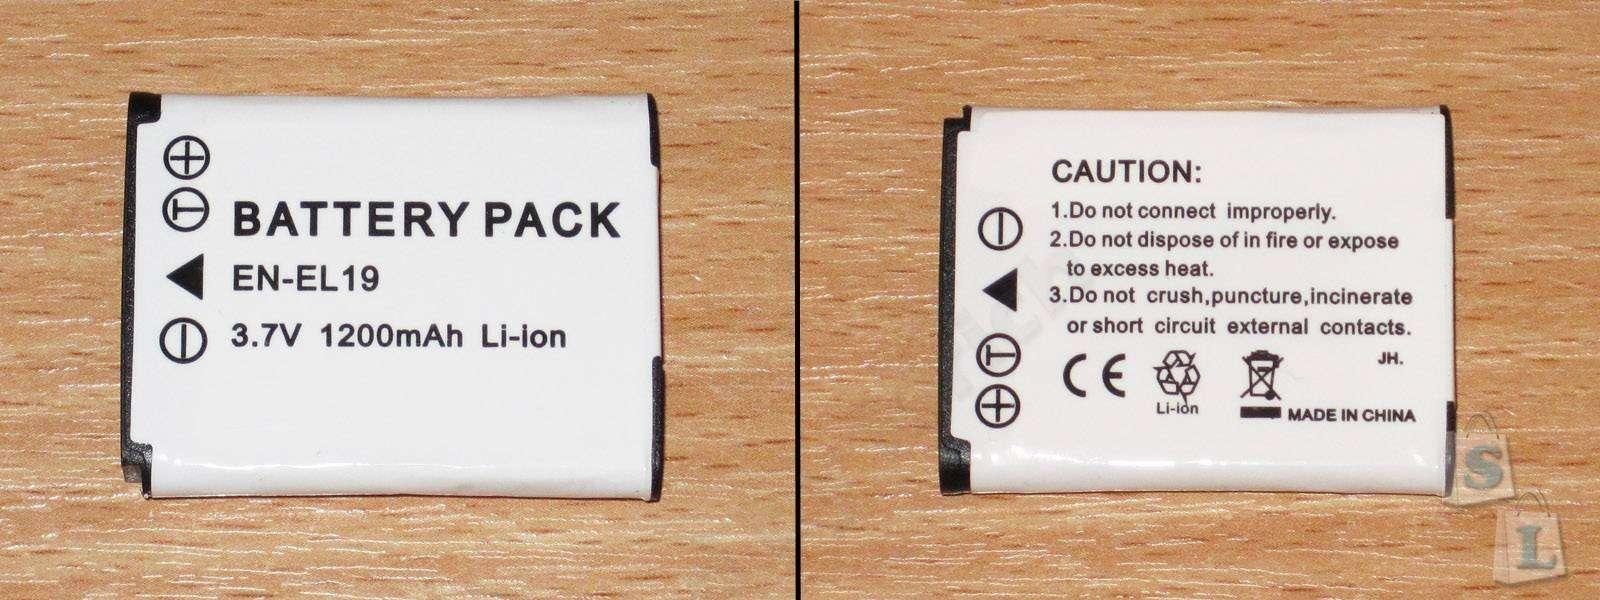 Aliexpress: Несколько разных, но при этом одинаковых, аккумуляторов для фотоаппаратов